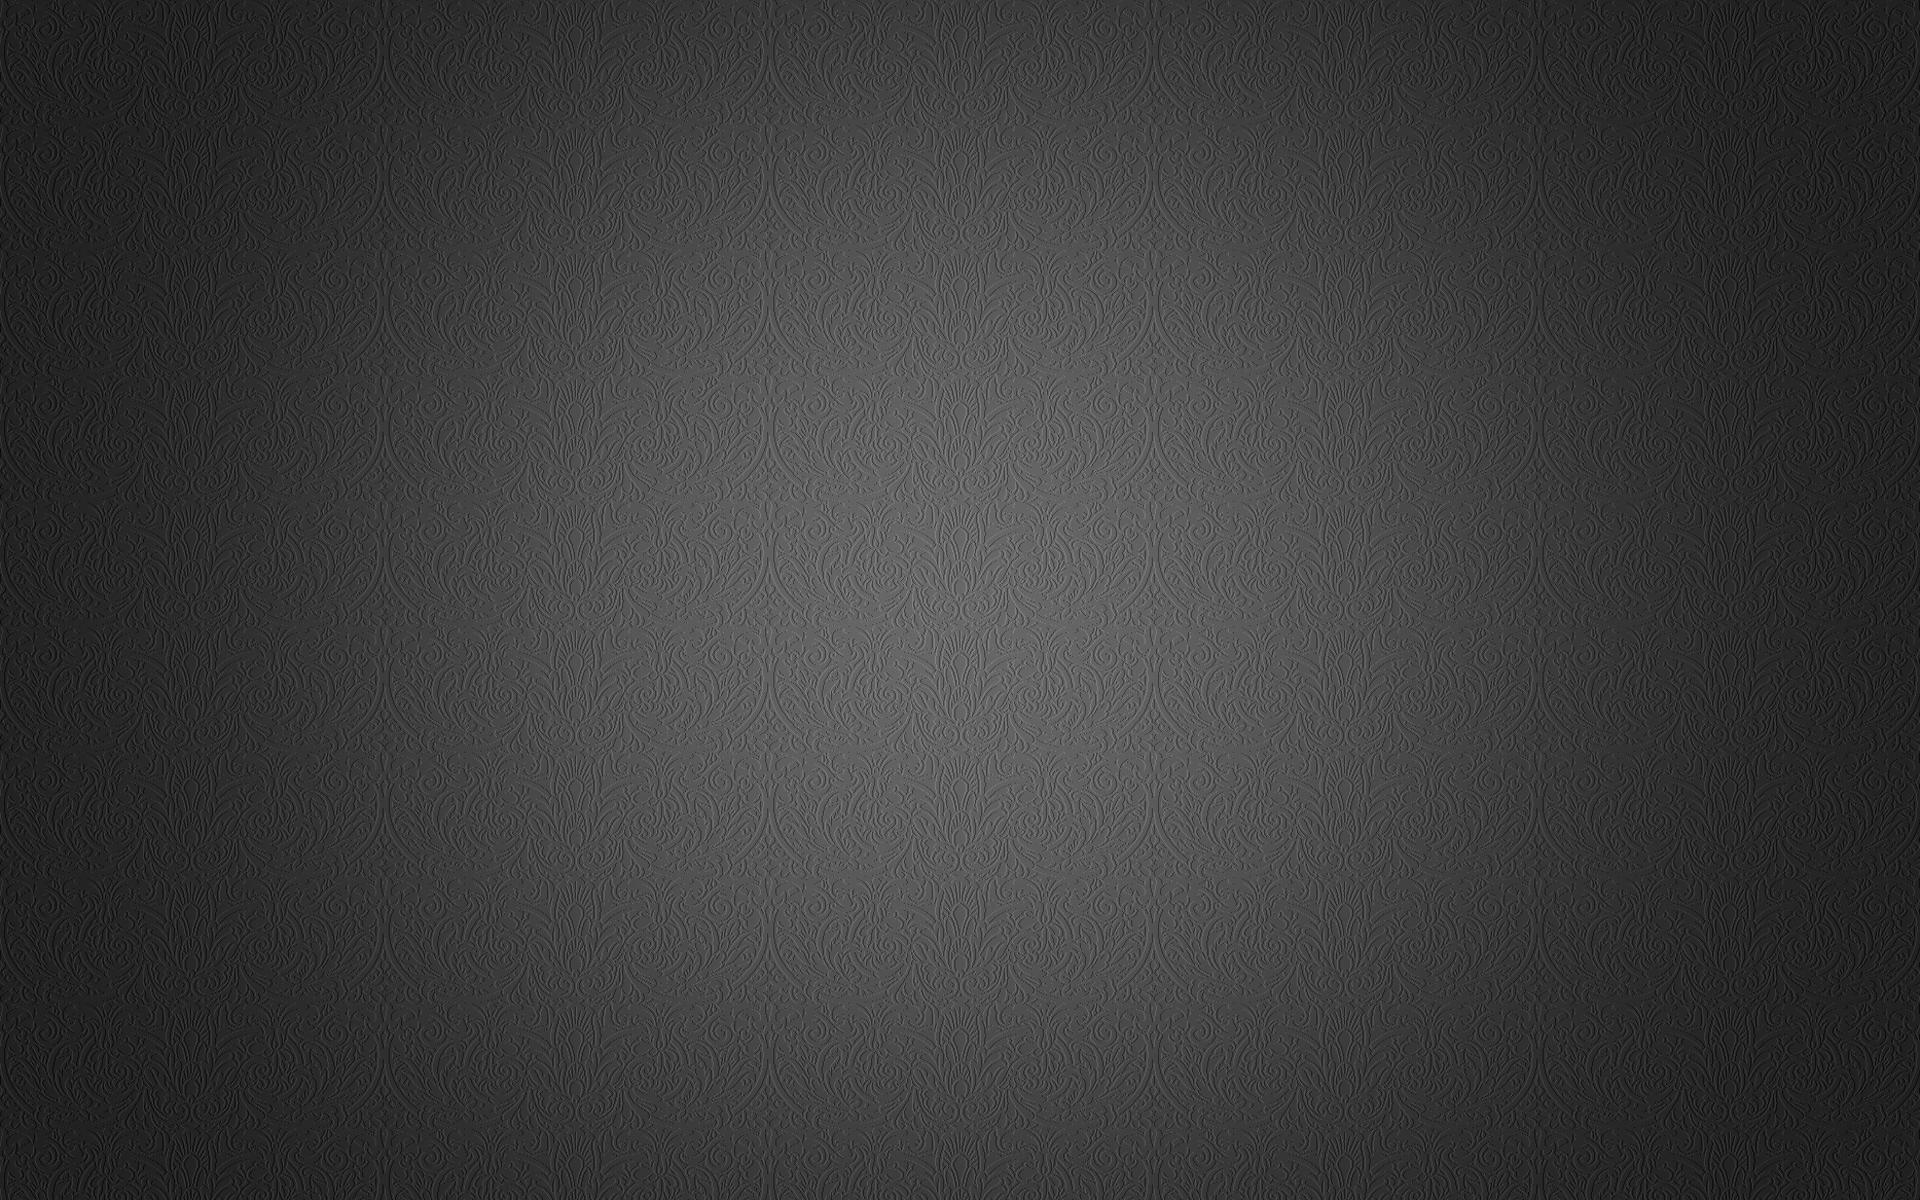 black grey wallpaper 2015   Grasscloth Wallpaper 1920x1200